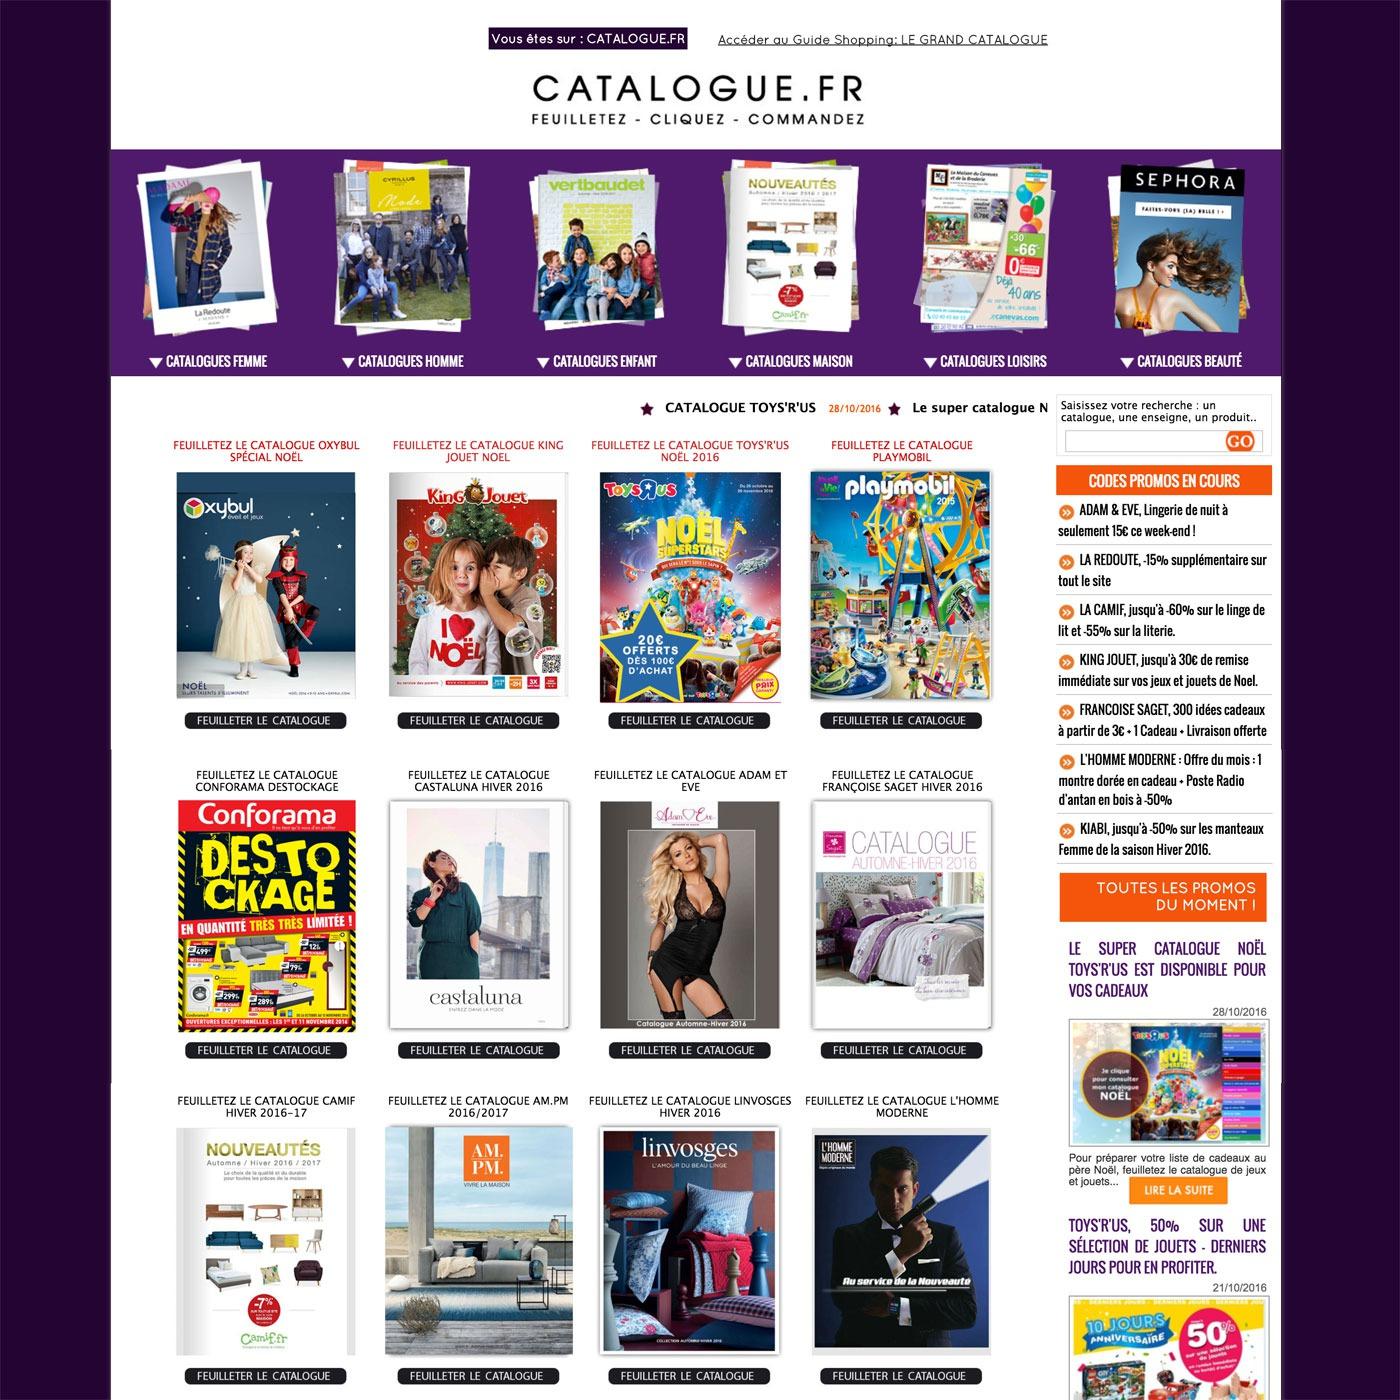 CATALOGUE.FR - Le catalogue des bonnes affaires Mode, Déco